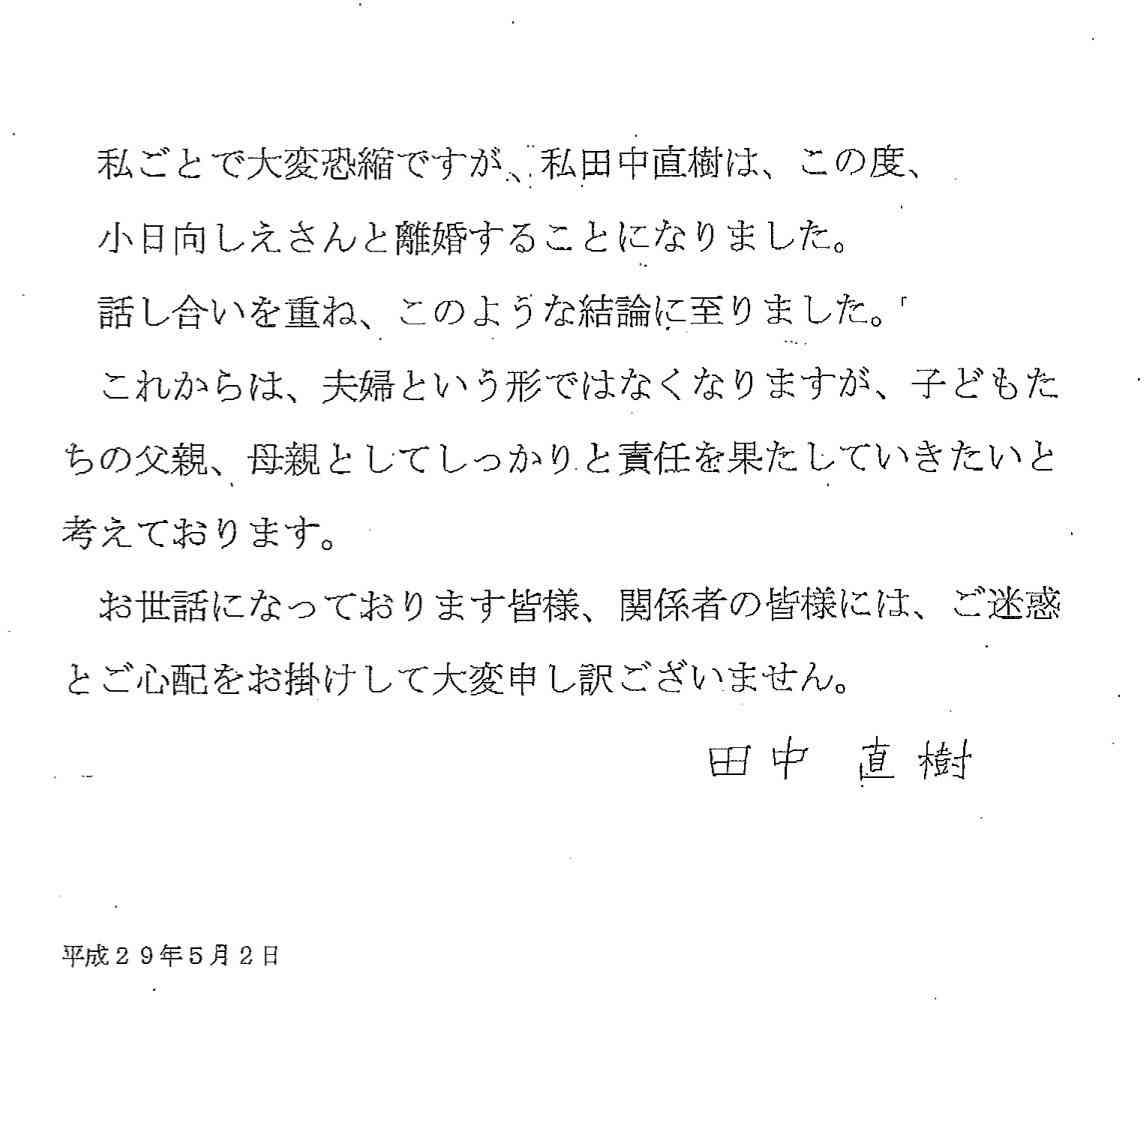 田中直樹 (お笑い)の画像 p1_9